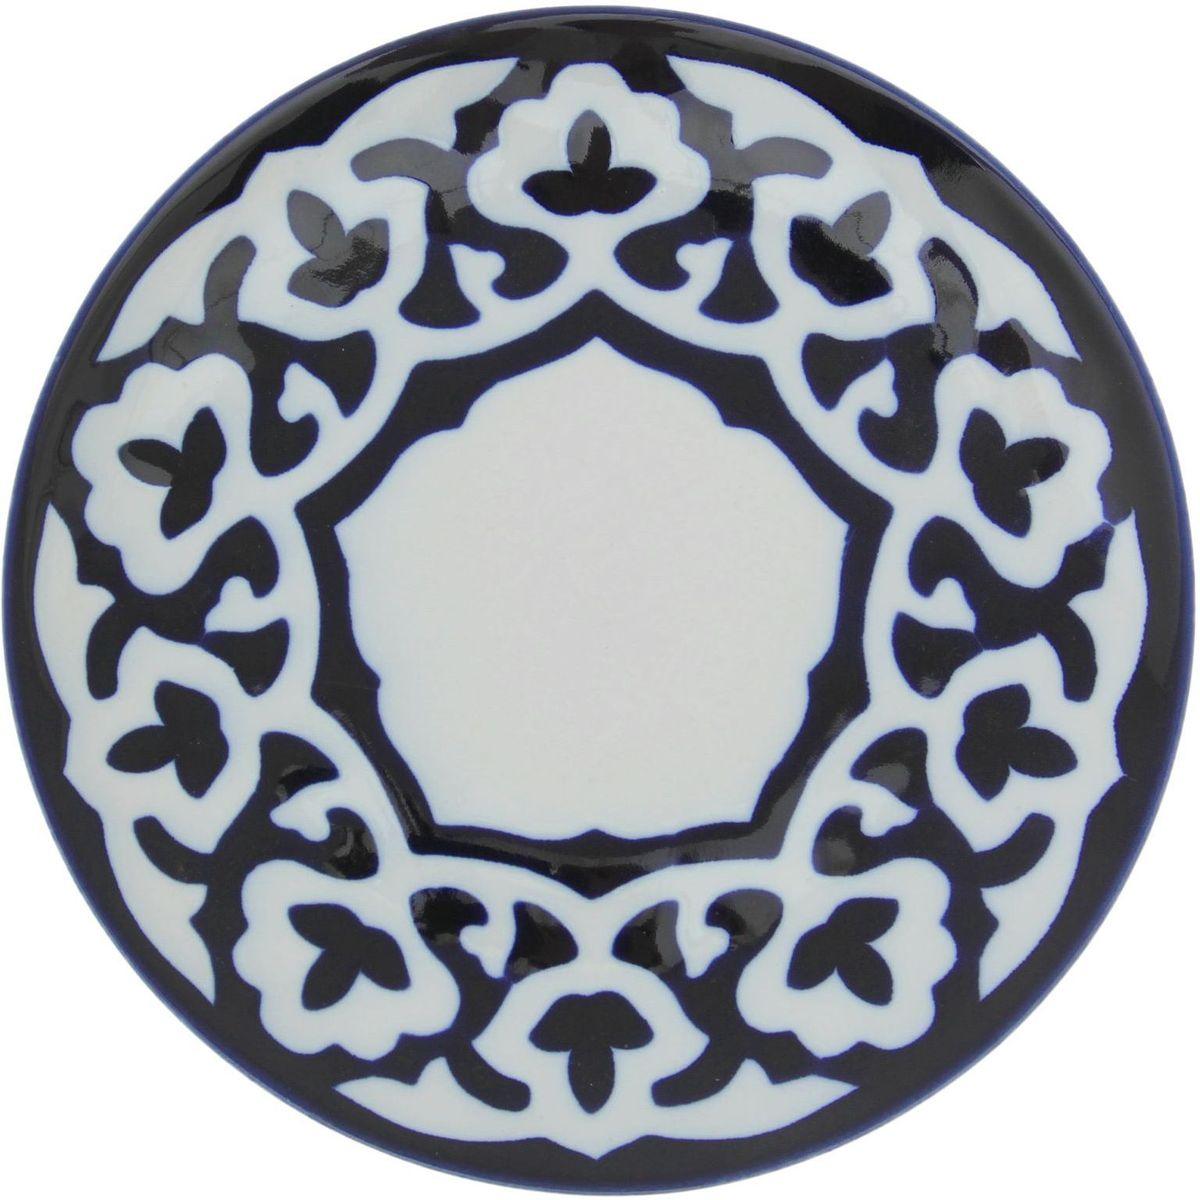 Тарелка Turon Porcelain Пахта, цвет: белый, синий, диаметр 22,5 см1386447Узбекская посуда известна всему миру уже более тысячи лет. Ей любовались царские особы, на ней подавали еду для шейхов и знатных персон. Формулы красок и глазури передаются из поколения в поколение. По сей день качественные расписные изделия продолжают восхищать совершенством и завораживающей красотой.Данный предмет подойдёт для повседневной и праздничной сервировки. Дополните стол текстилем и салфетками в тон, чтобы получить элегантное убранство с яркими акцентами.Национальная узбекская роспись «Пахта» сдержанна и благородна. Витиеватые узоры выводятся тонкой кистью, а фон заливается кобальтом. Синий краситель при обжиге слегка растекается и придаёт контуру изображений голубой оттенок. Густая глазурь наносится толстым слоем, благодаря чему рисунок мерцает.